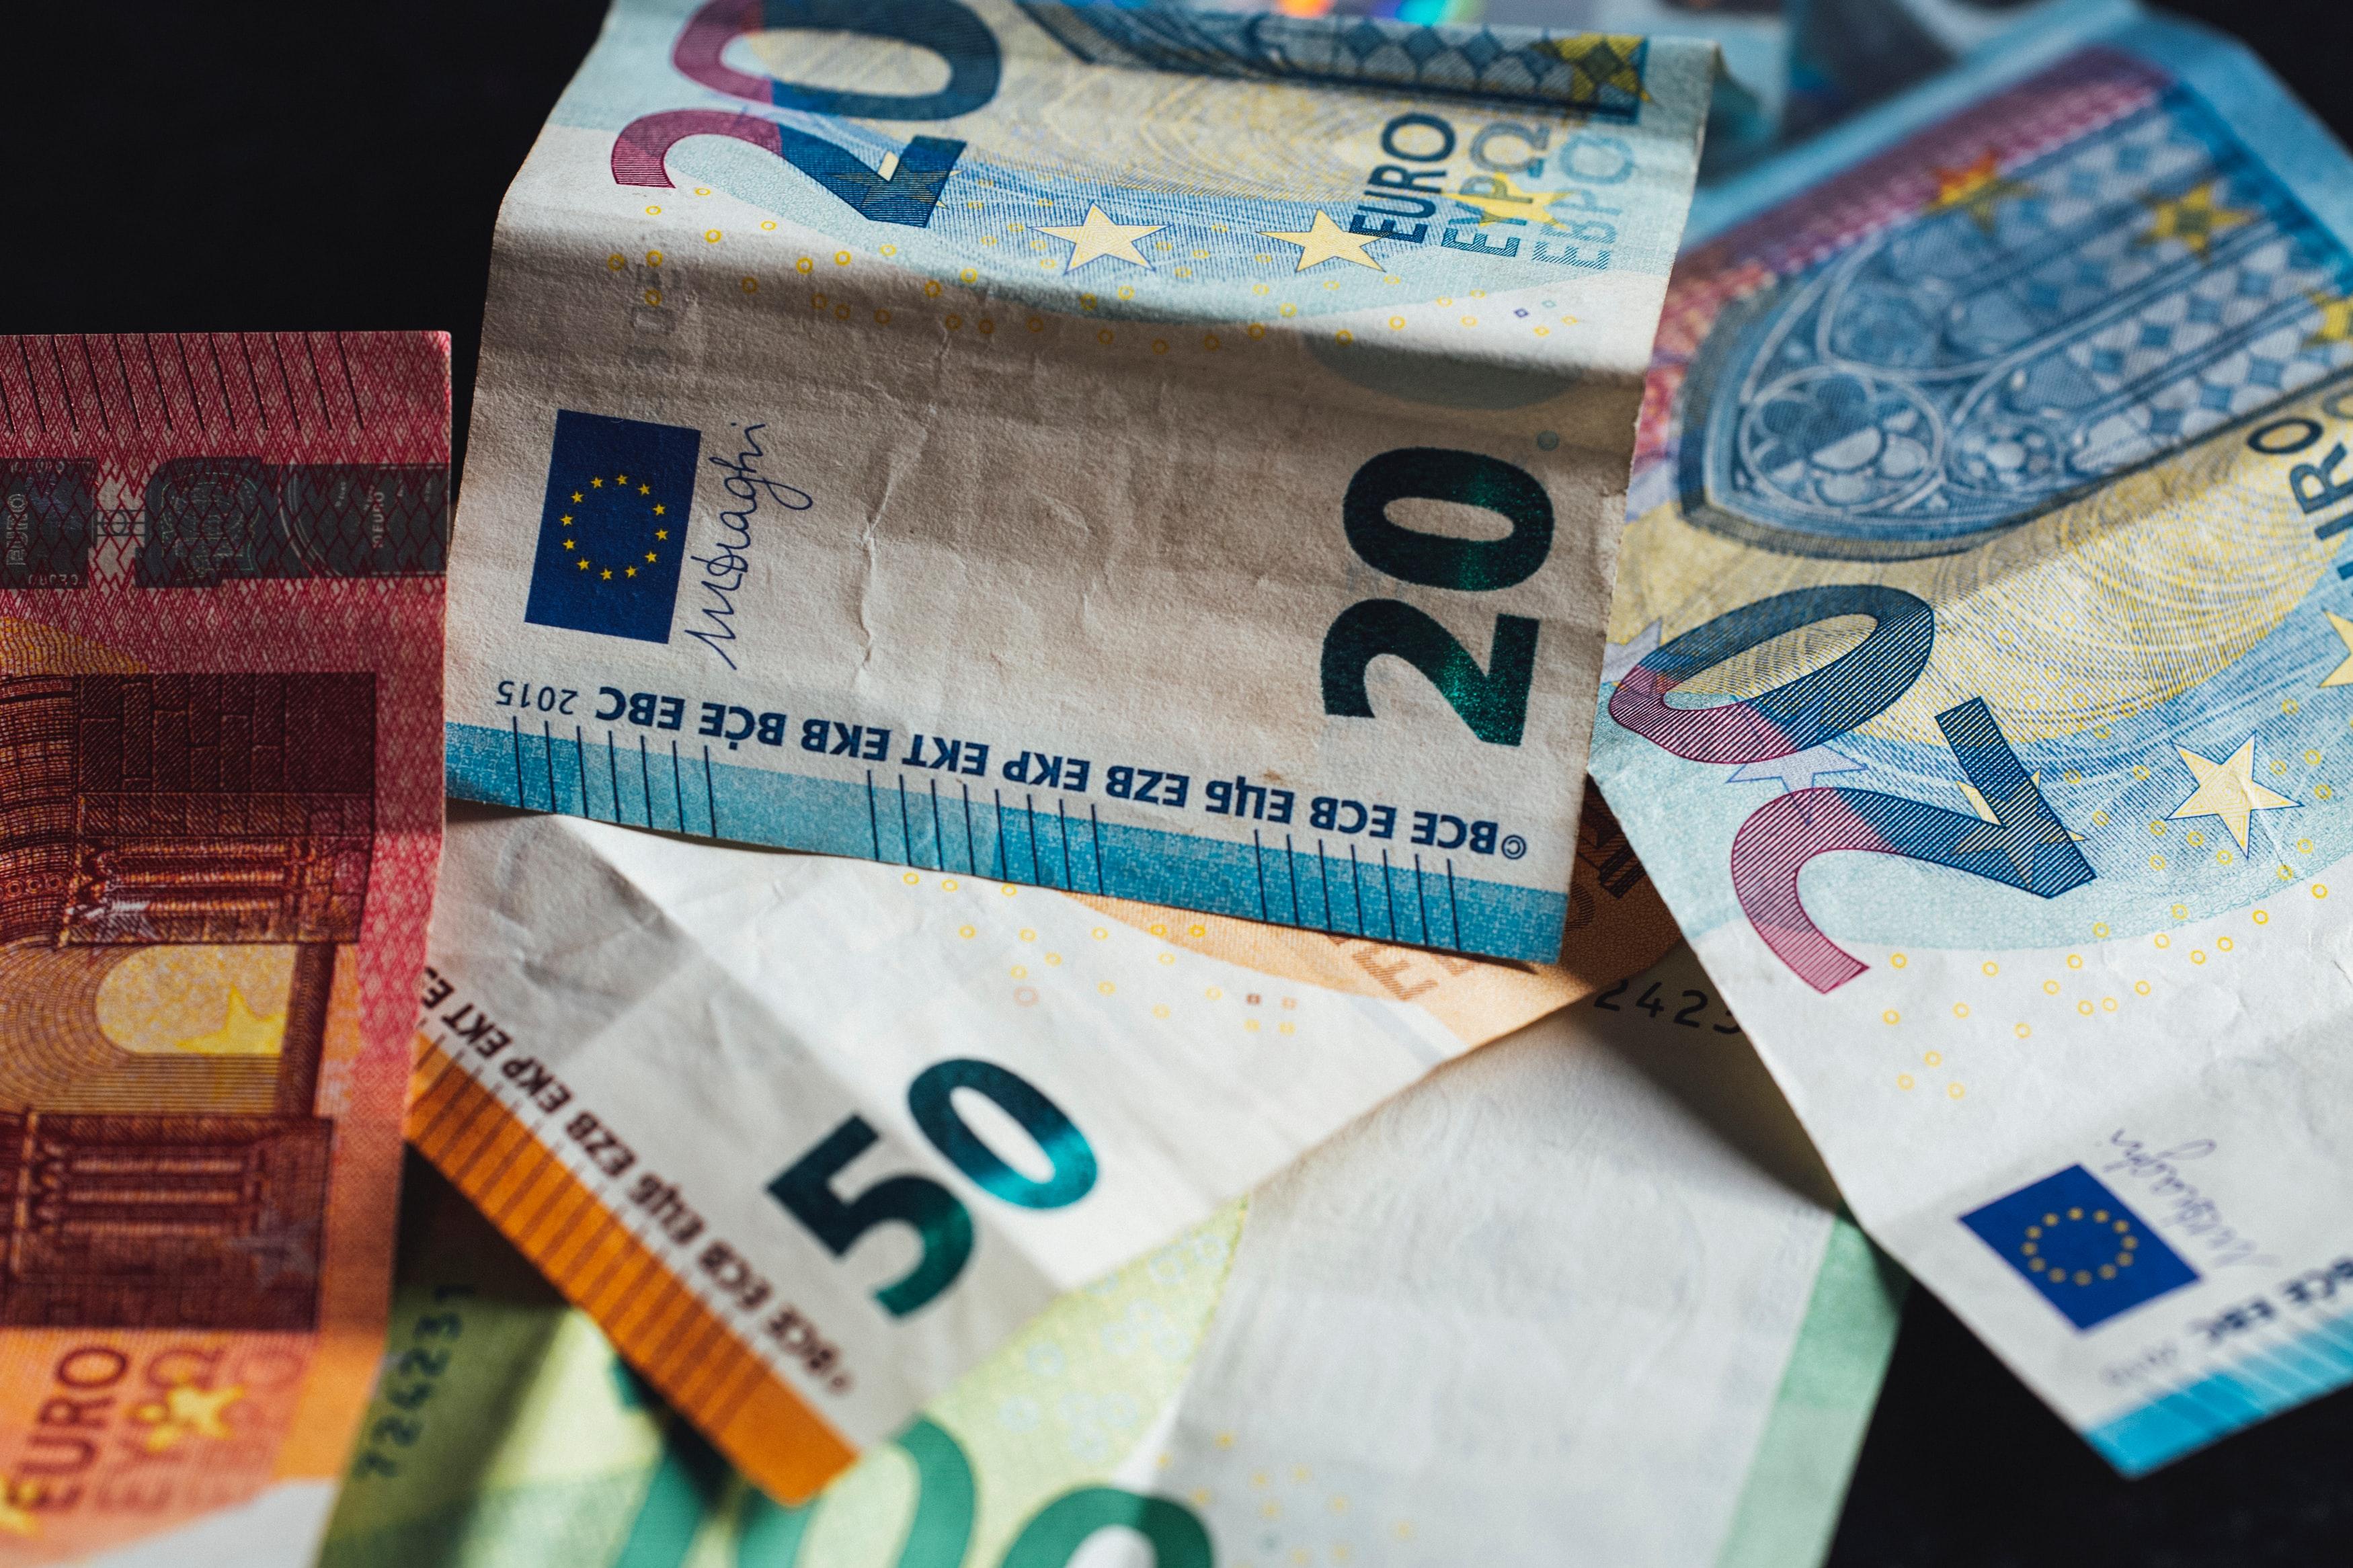 네덜란드 최저시급 계산기